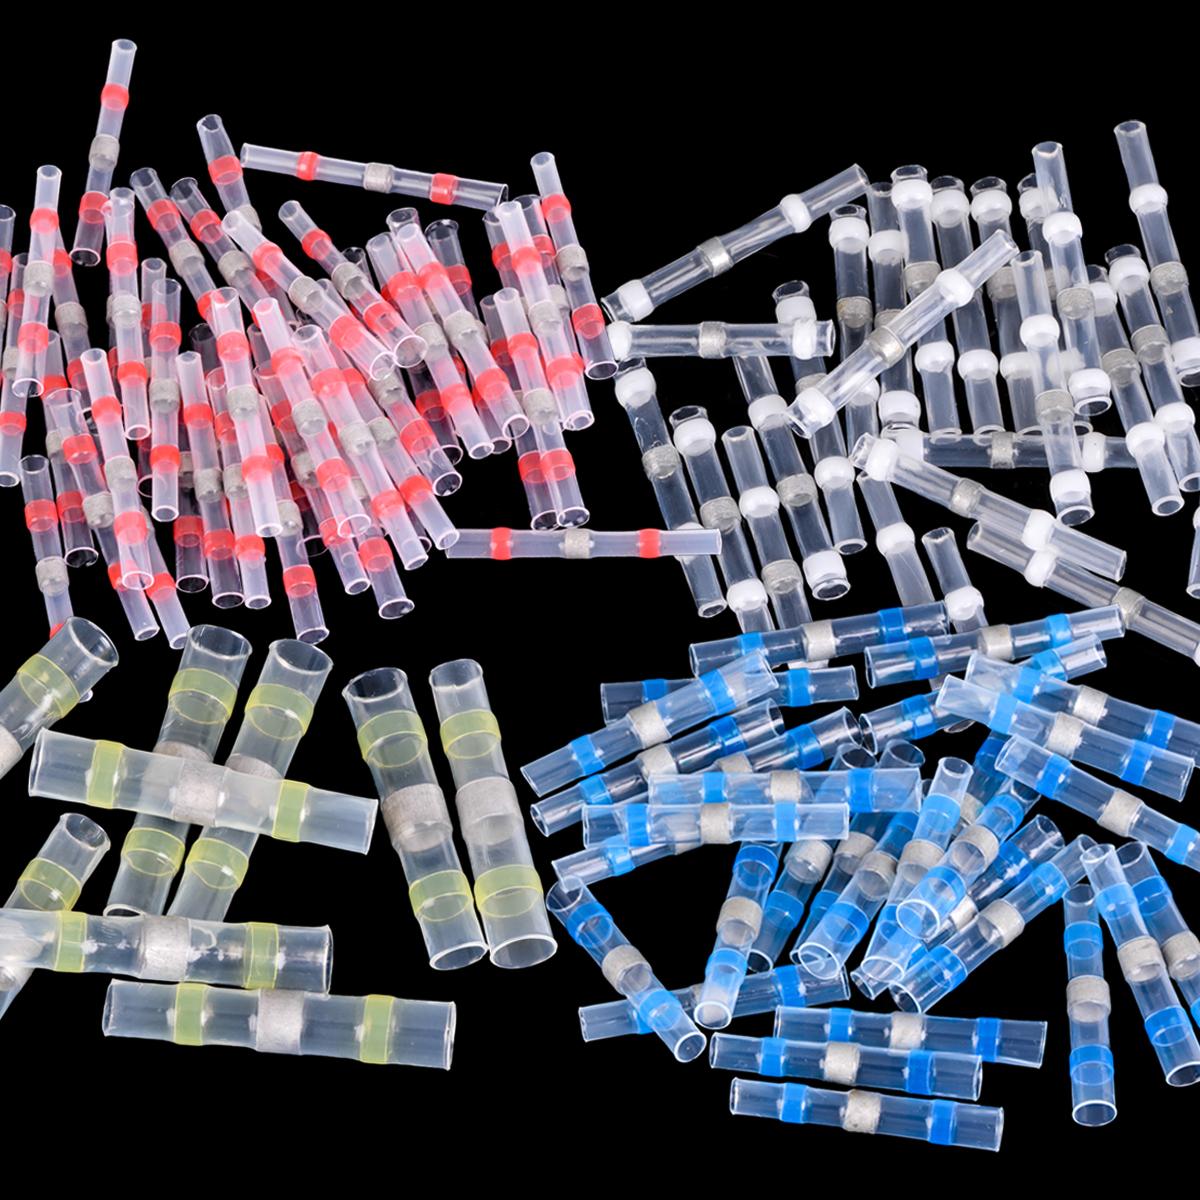 [해외]100pcs 열 수축 버트 와이어 스플 라이스 커넥터 방수 26-10 AWG 솔더 슬리브 커넥터 키트/100pcs Heat Shrink Butt Wire Splice Connector Waterproof 26-10 AWG Solder Sleeve Connecto